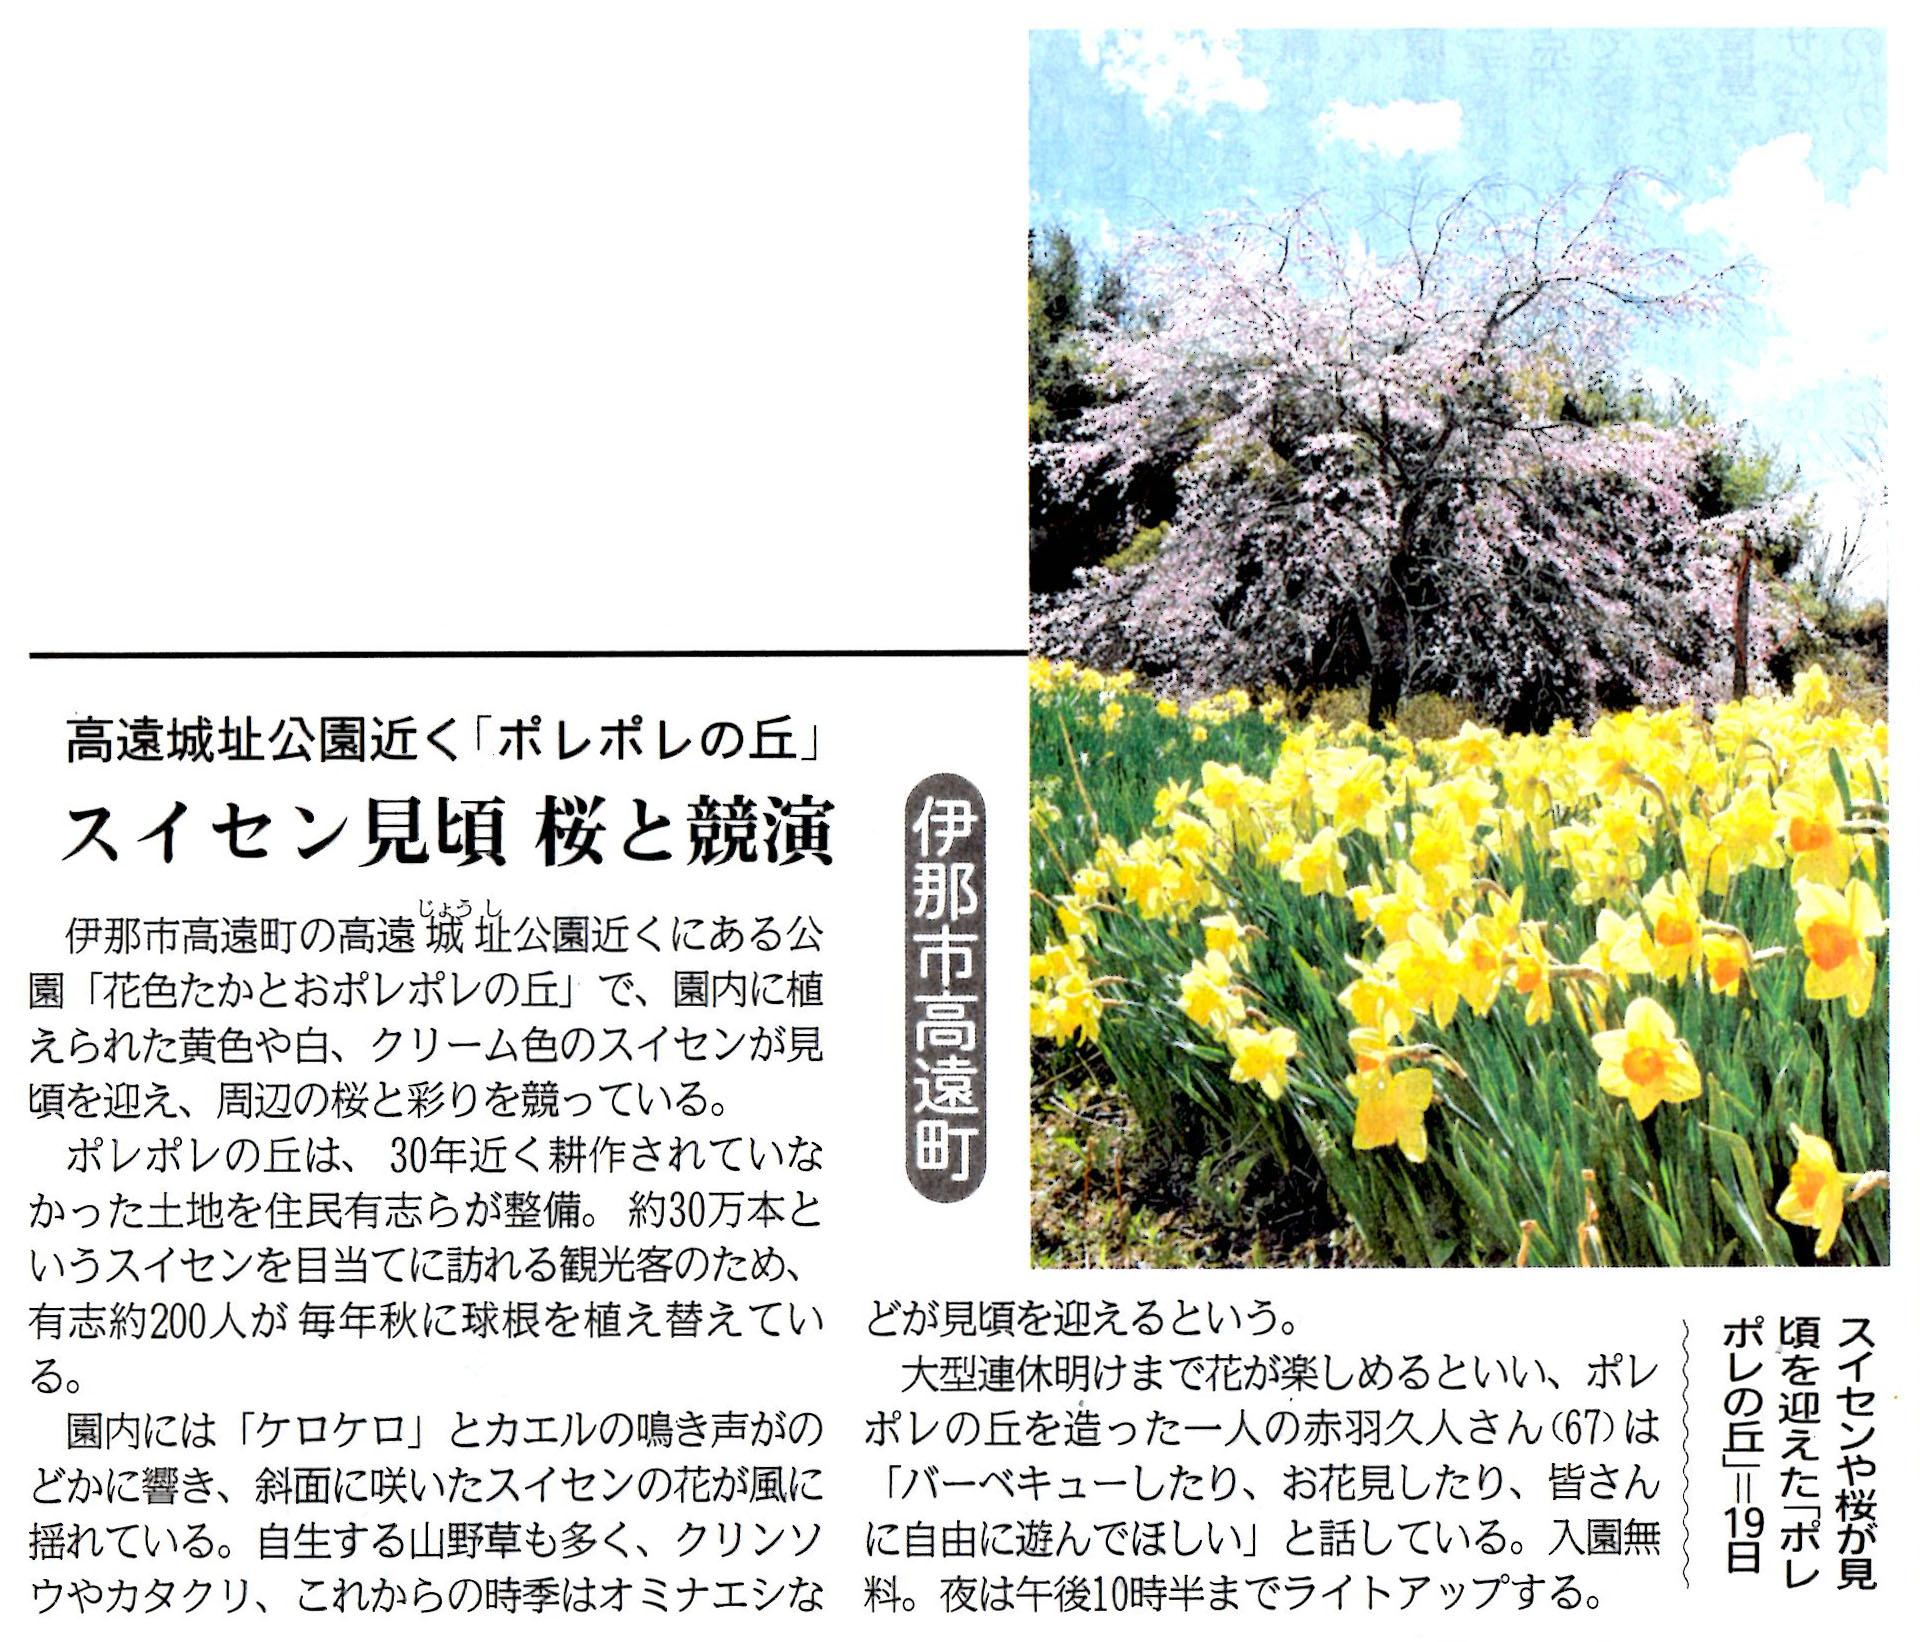 信濃毎日新聞 2017年4月20日掲載